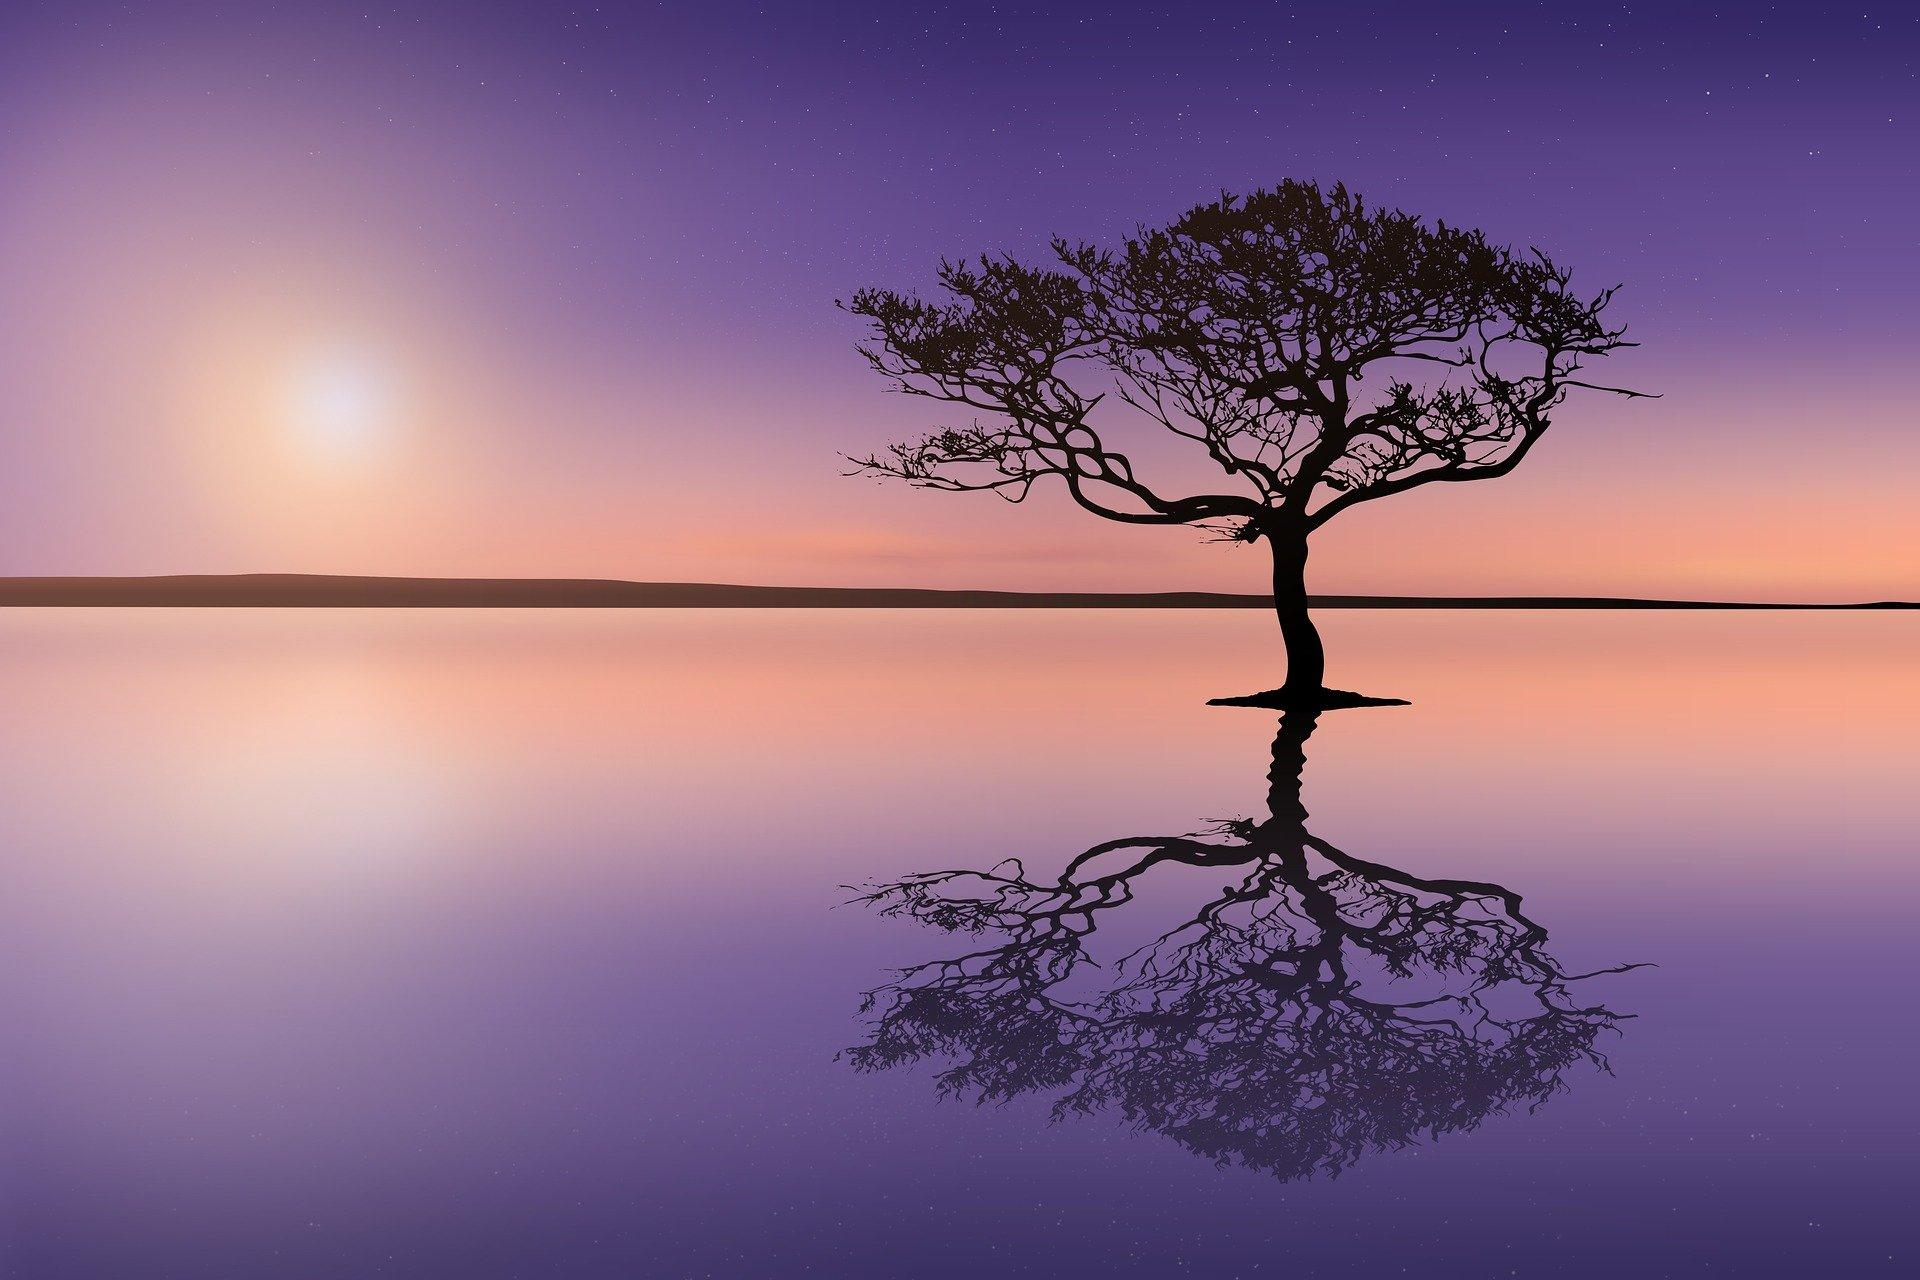 tramonto con un albero in mezzo all'acqua sulla quale si riflette